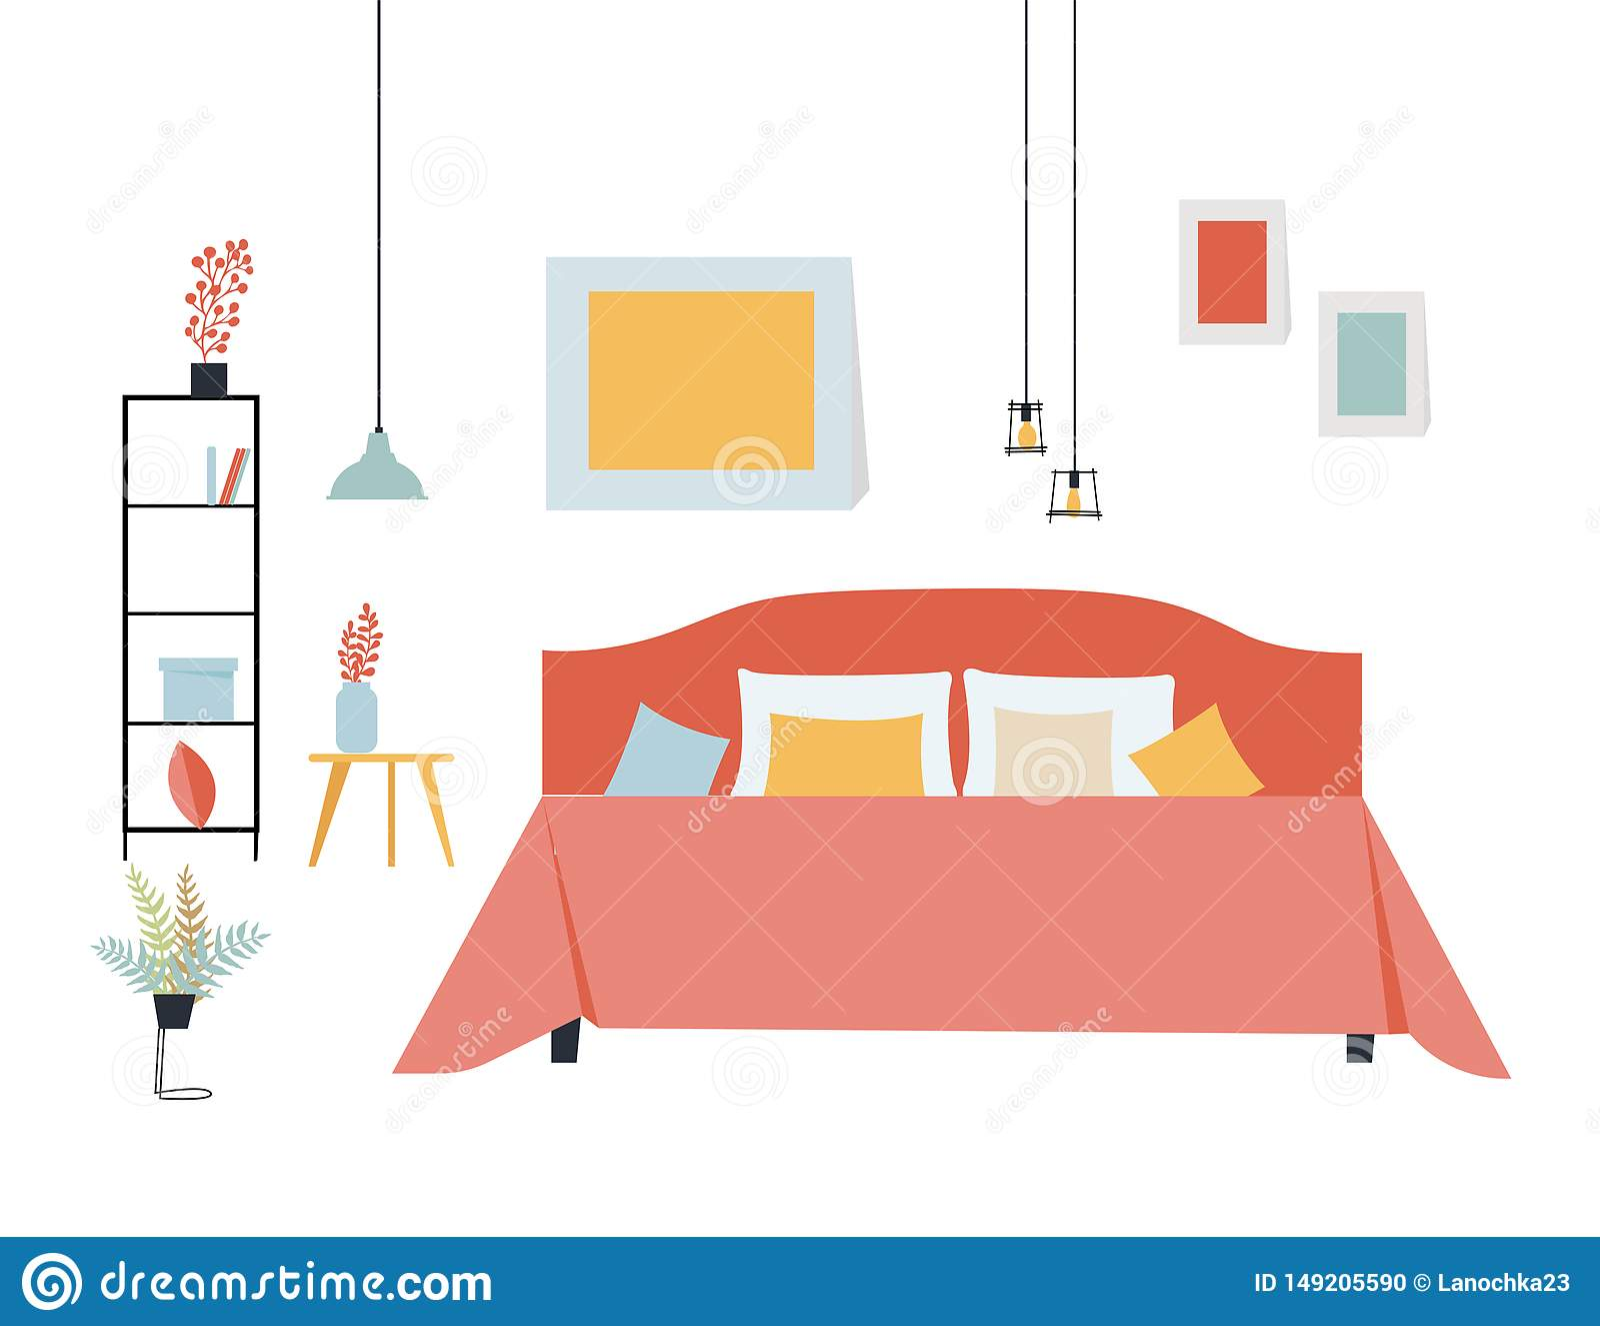 Ilustração lisa simples do vetor de um quarto com uma cama de casal, uma prateleira com coisas, uma tabela e umas plantas em past